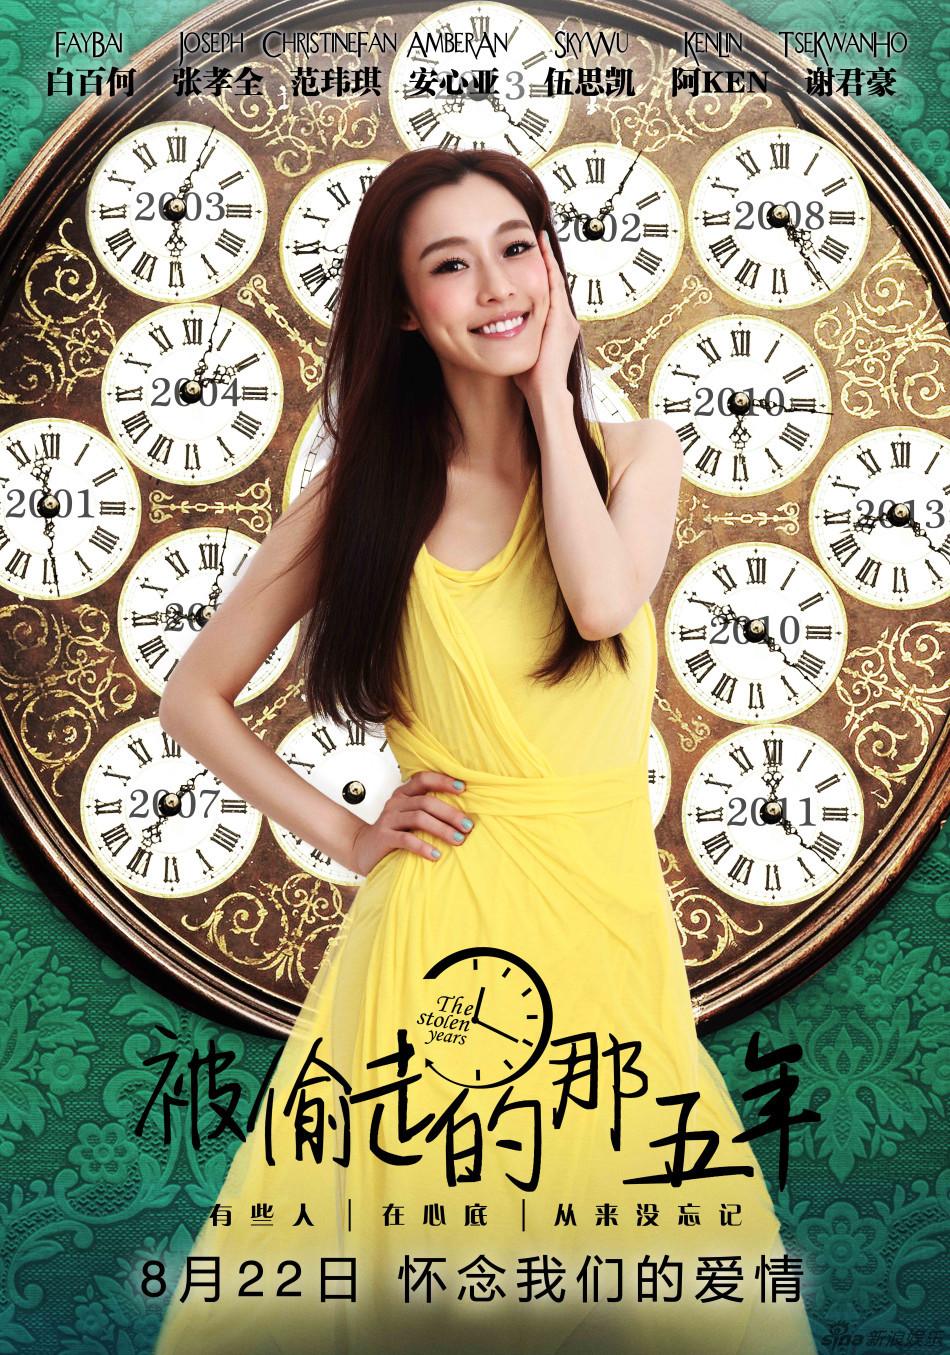 http://www.sinaimg.cn/dy/slidenews/4_img/2013_27/704_1017181_616643.jpg